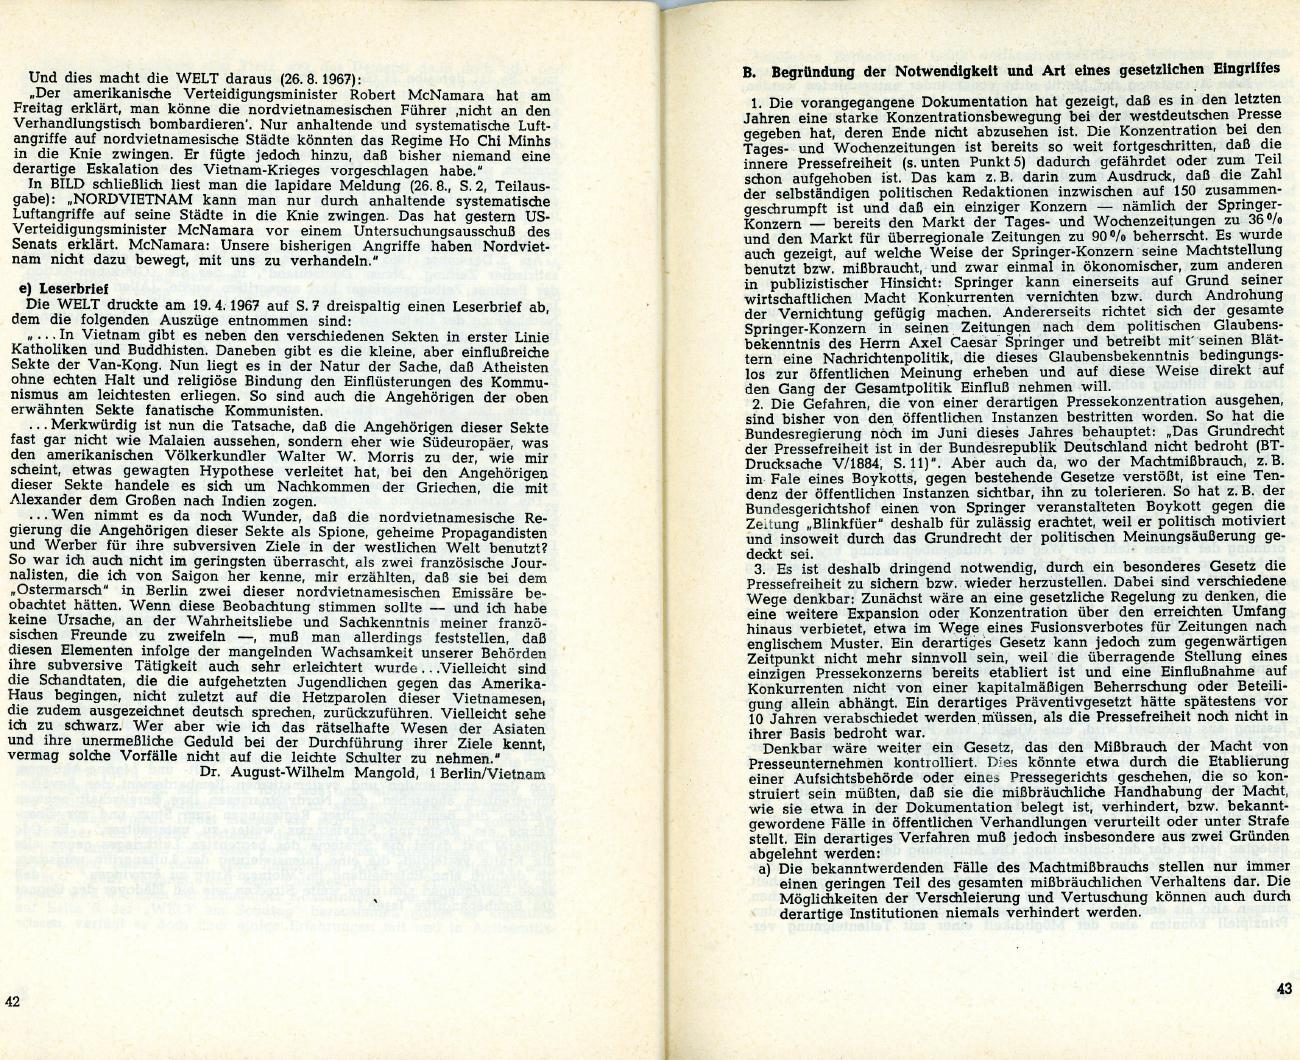 Berlin_RC_1967_Springer_enteignen_24